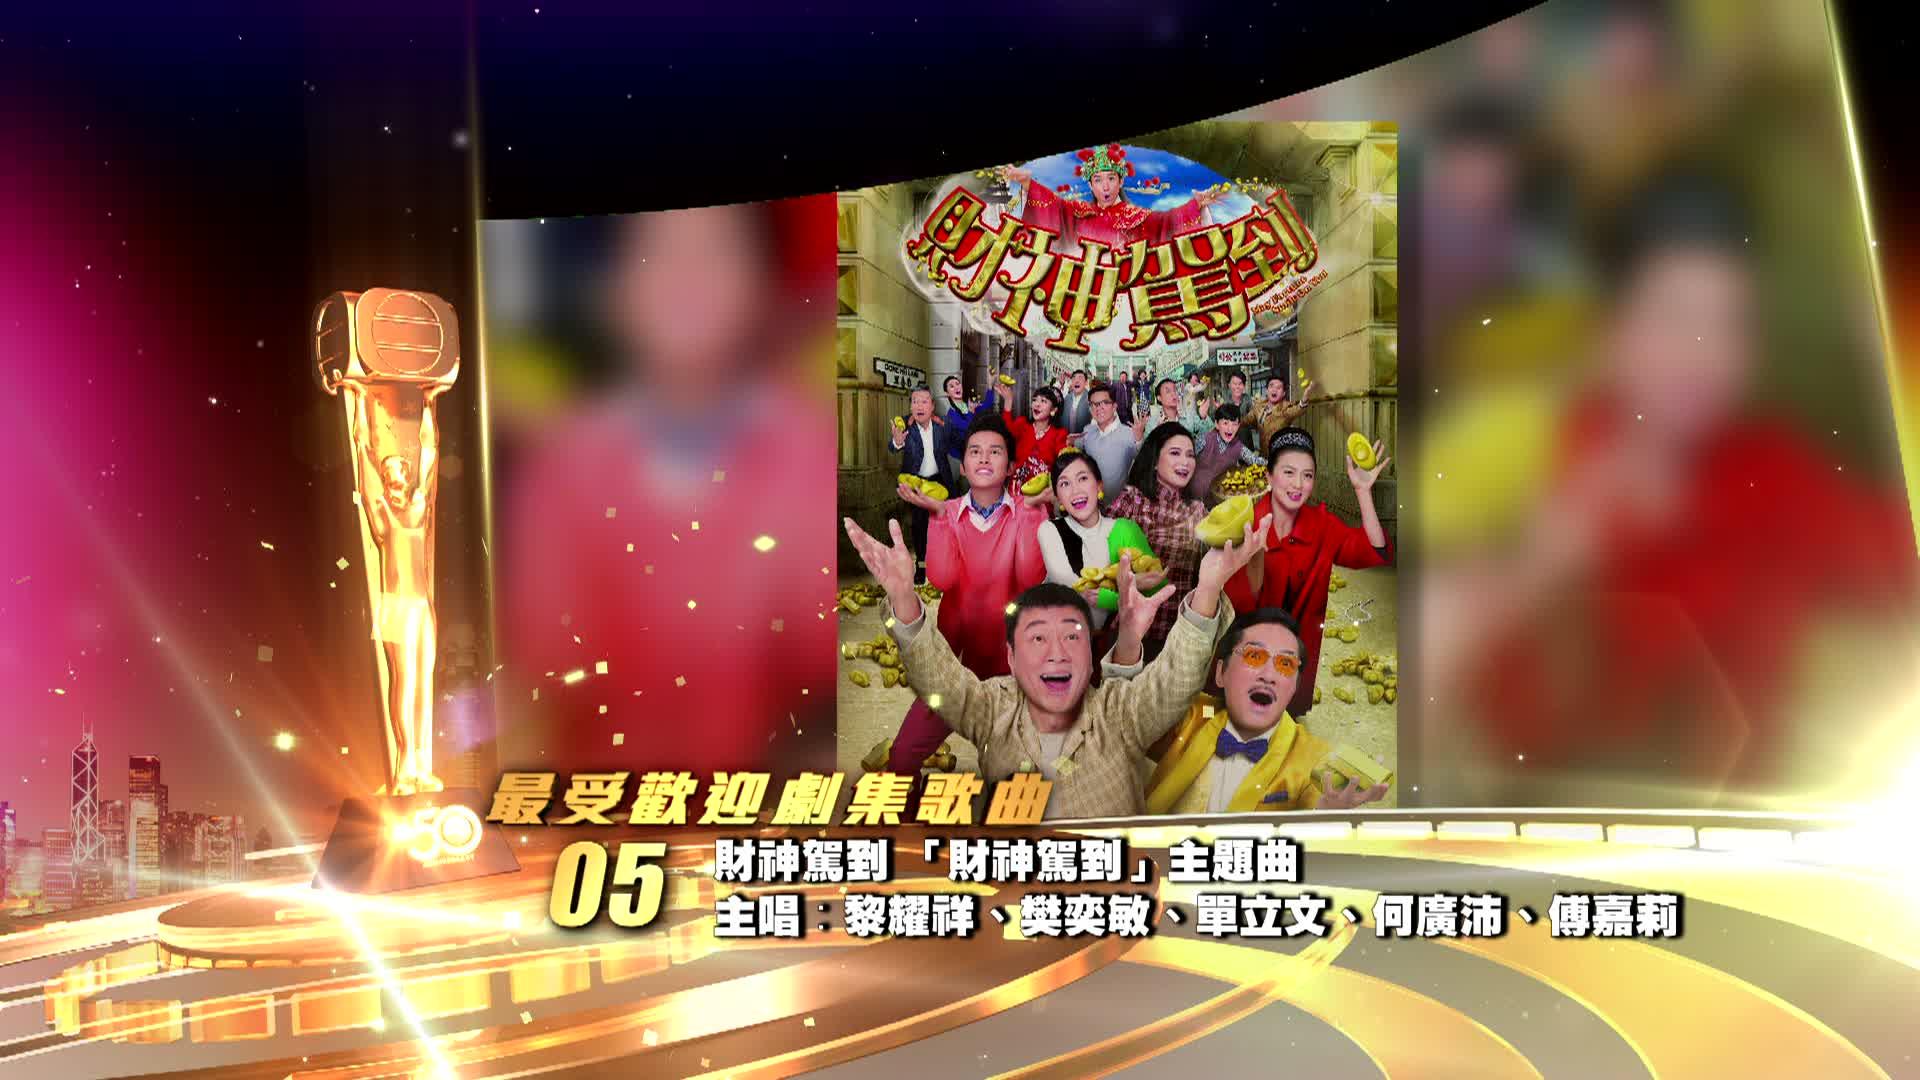 5. 黎耀祥、樊奕敏、單立文、何廣沛、傅嘉莉-財神駕到《財神駕到》主題曲